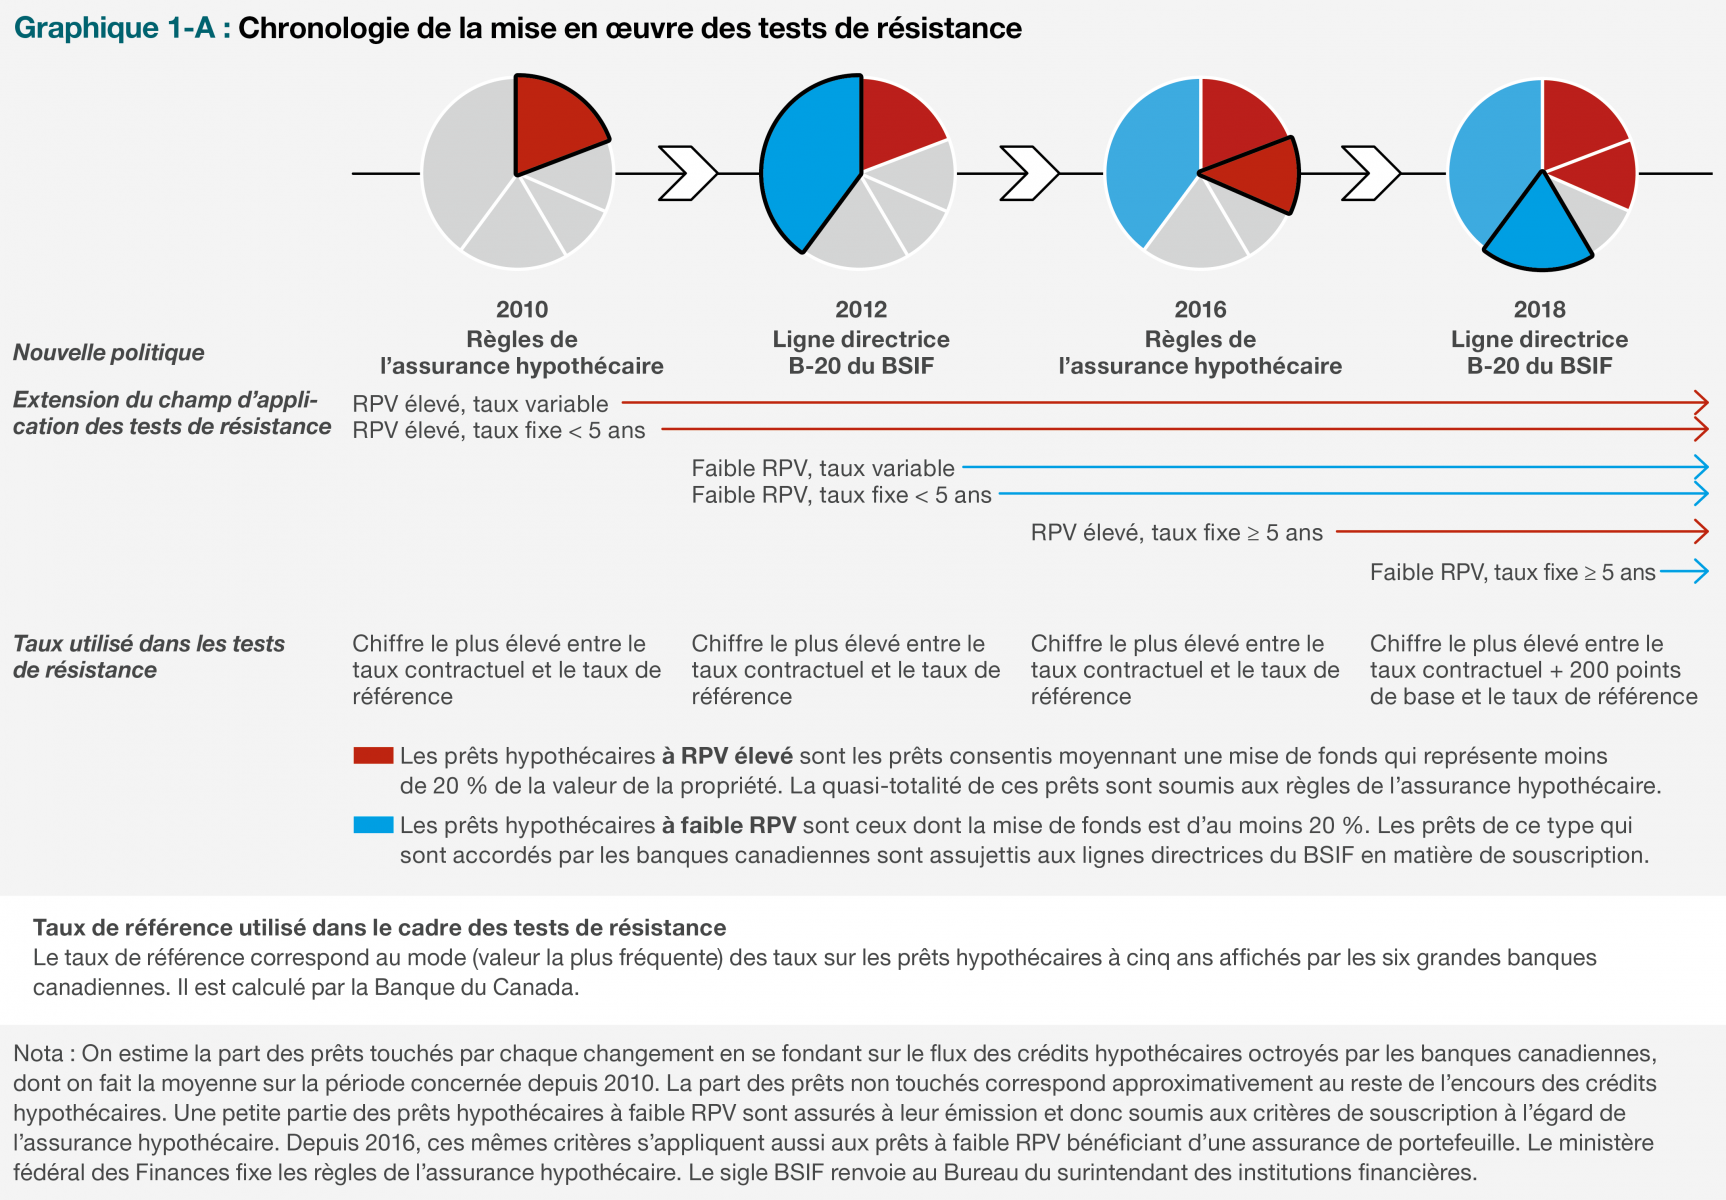 Chronologie de la mise en œuvre des tests de résistance